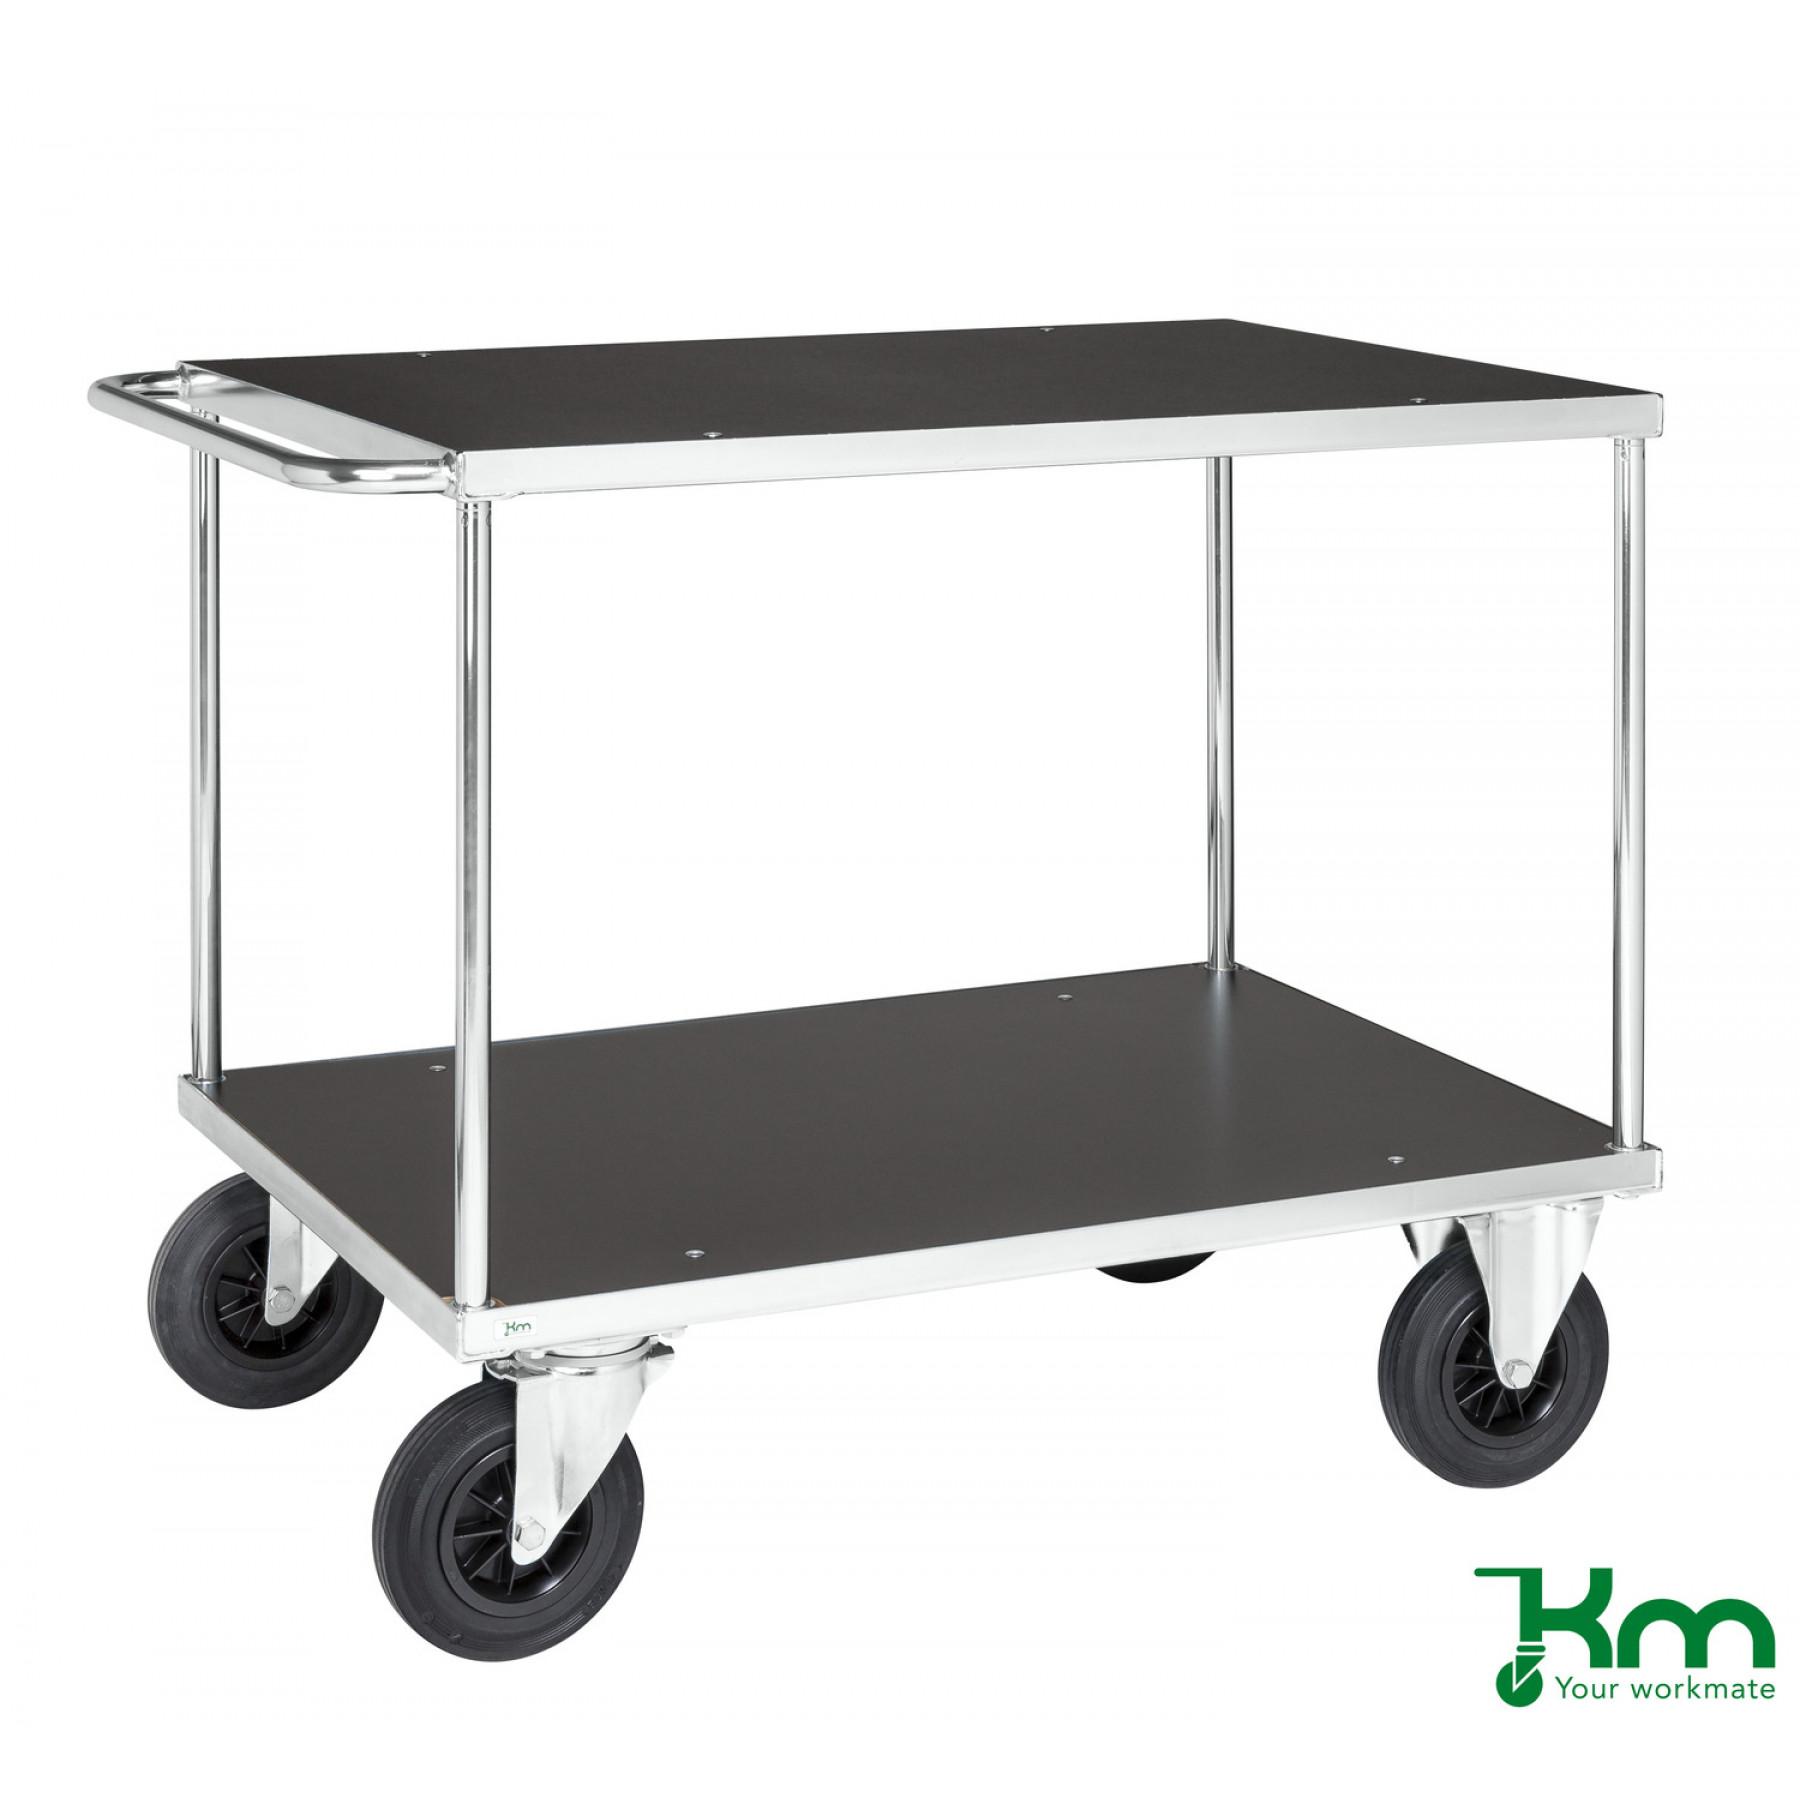 Tafelwagen 1000x700 mm, KM 537-2B